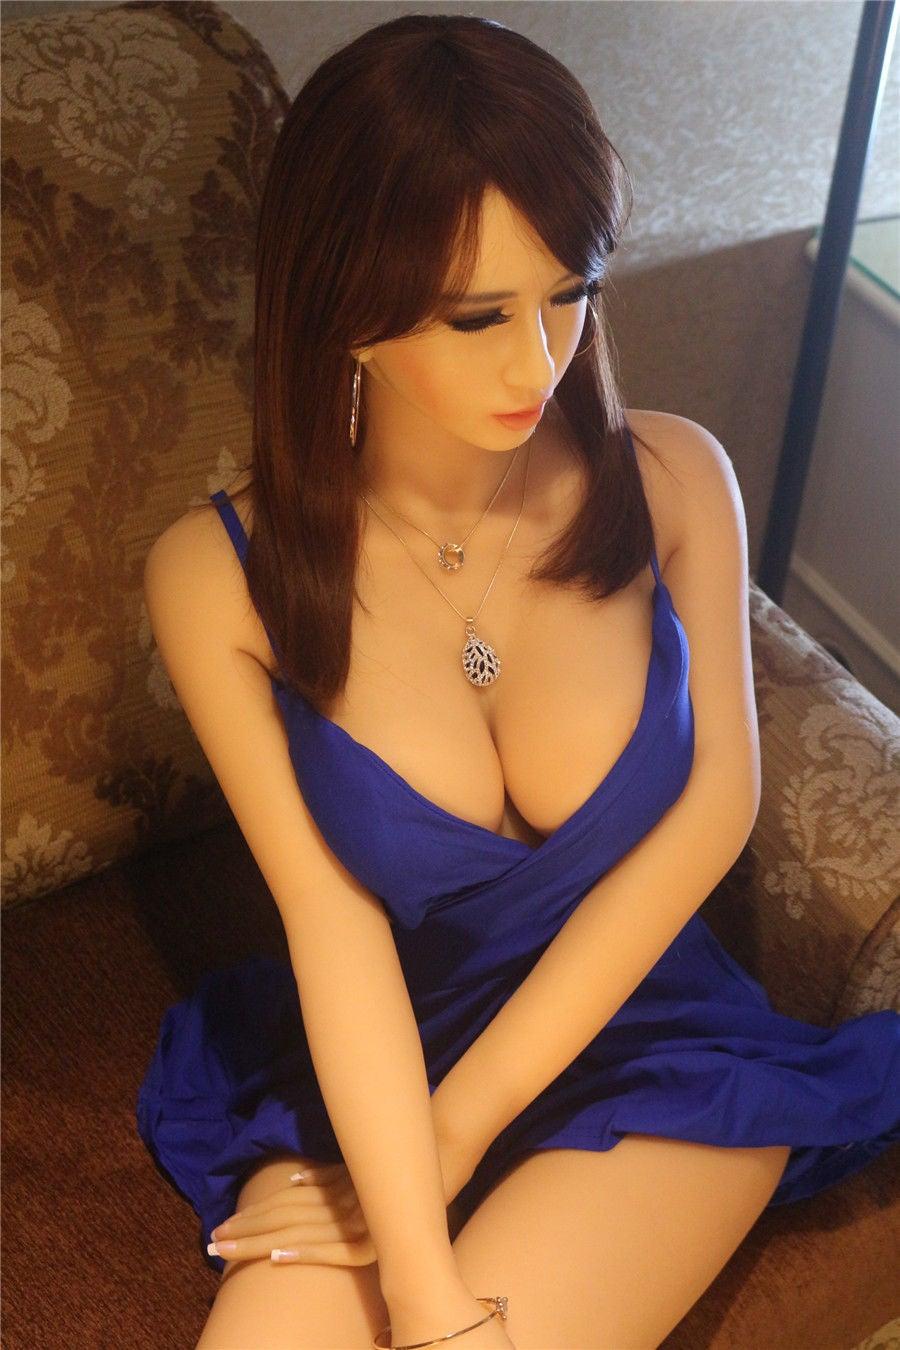 Image of [#011] MONICA - Life like 158cm height full body doll, Full Women Body figure doll